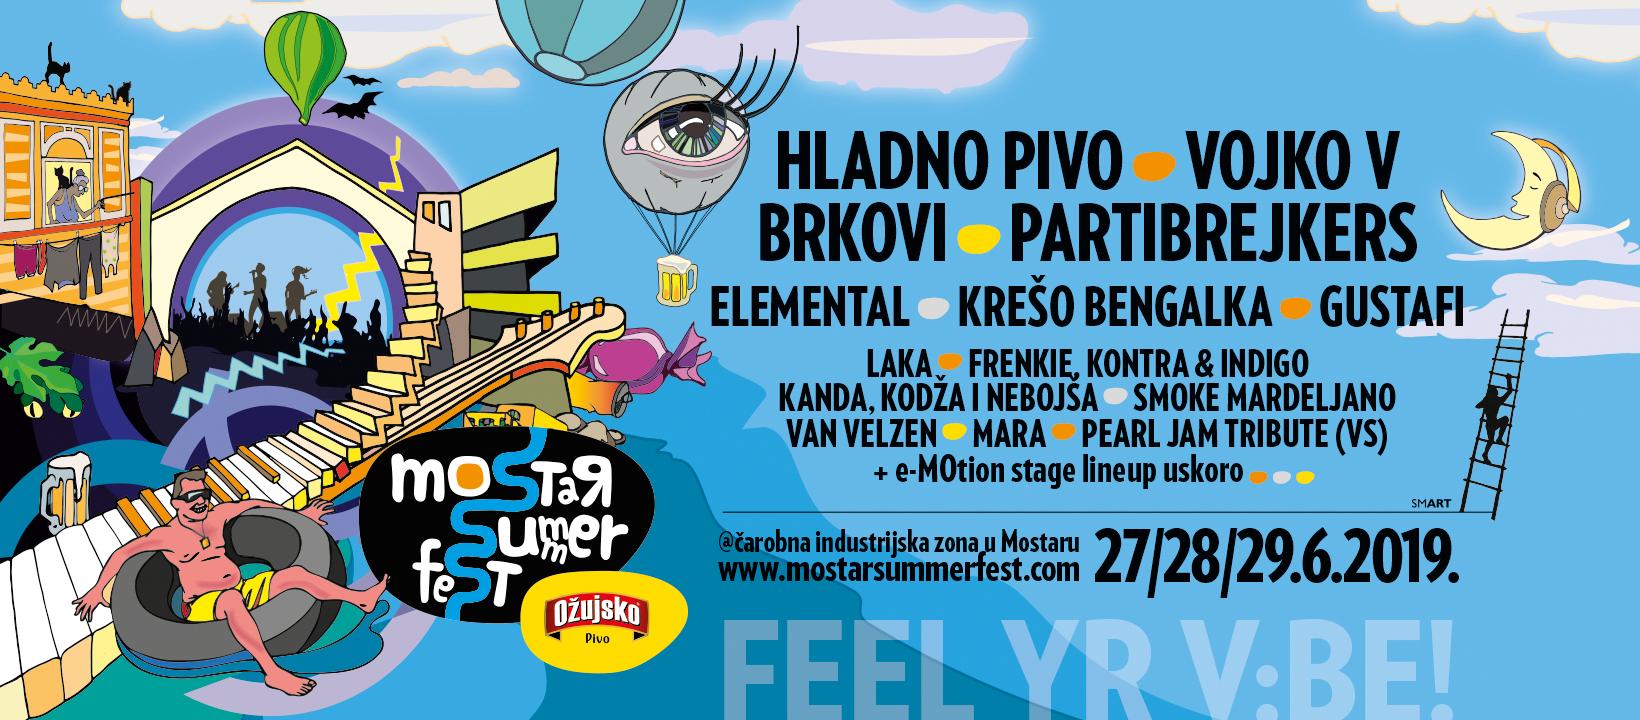 Najavljen najjači Mostar Summer Fest do sada!